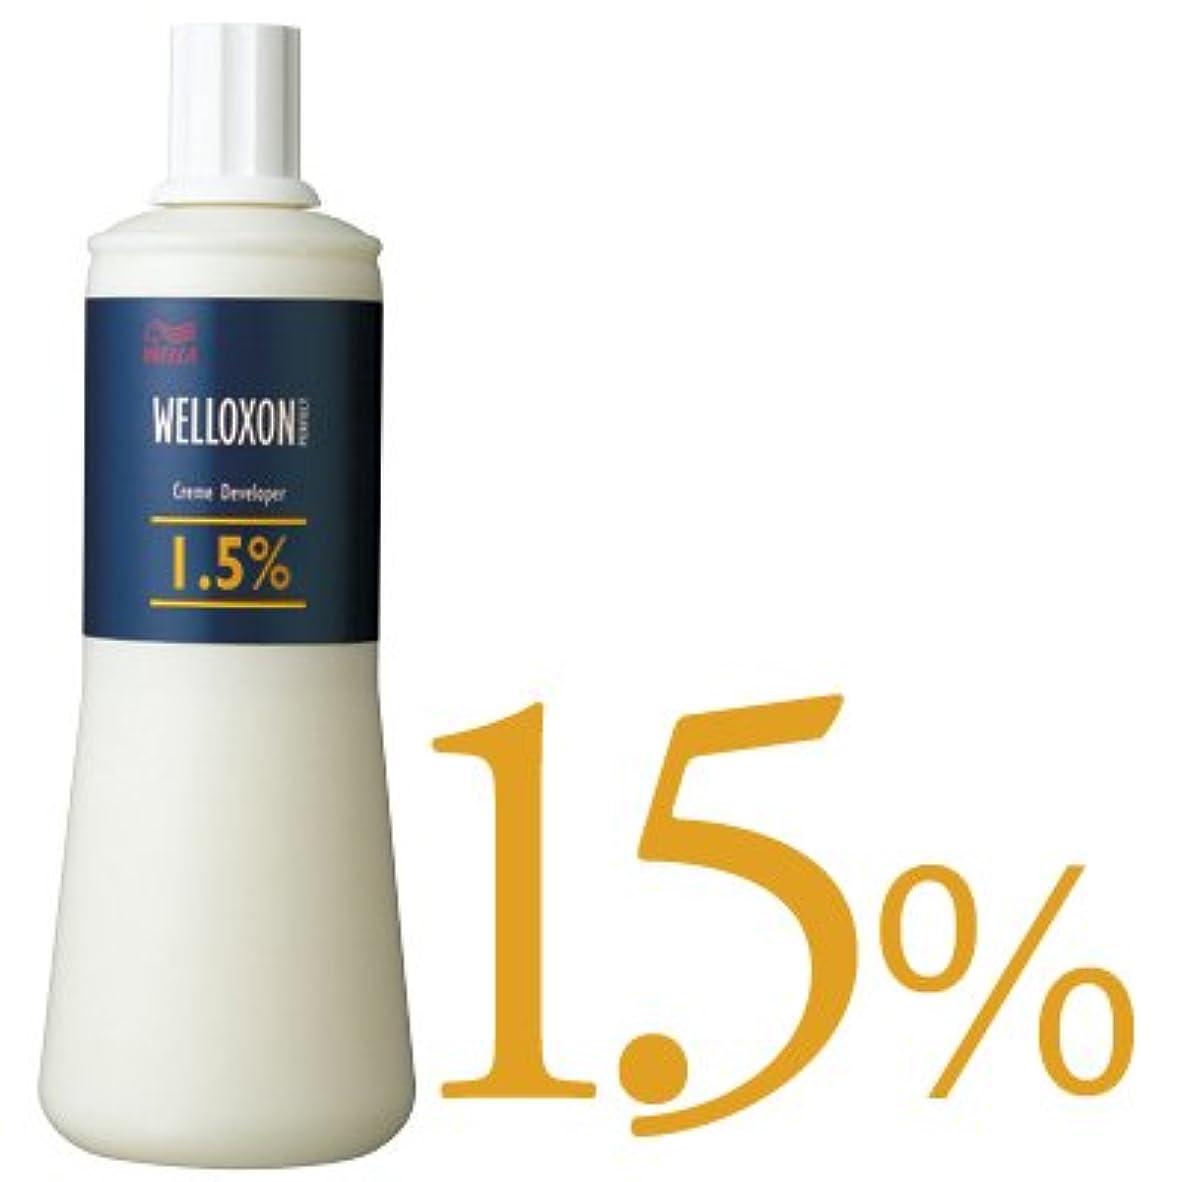 曲線増加するナットウエラ ウエロキソンパーフェクト 1.5%